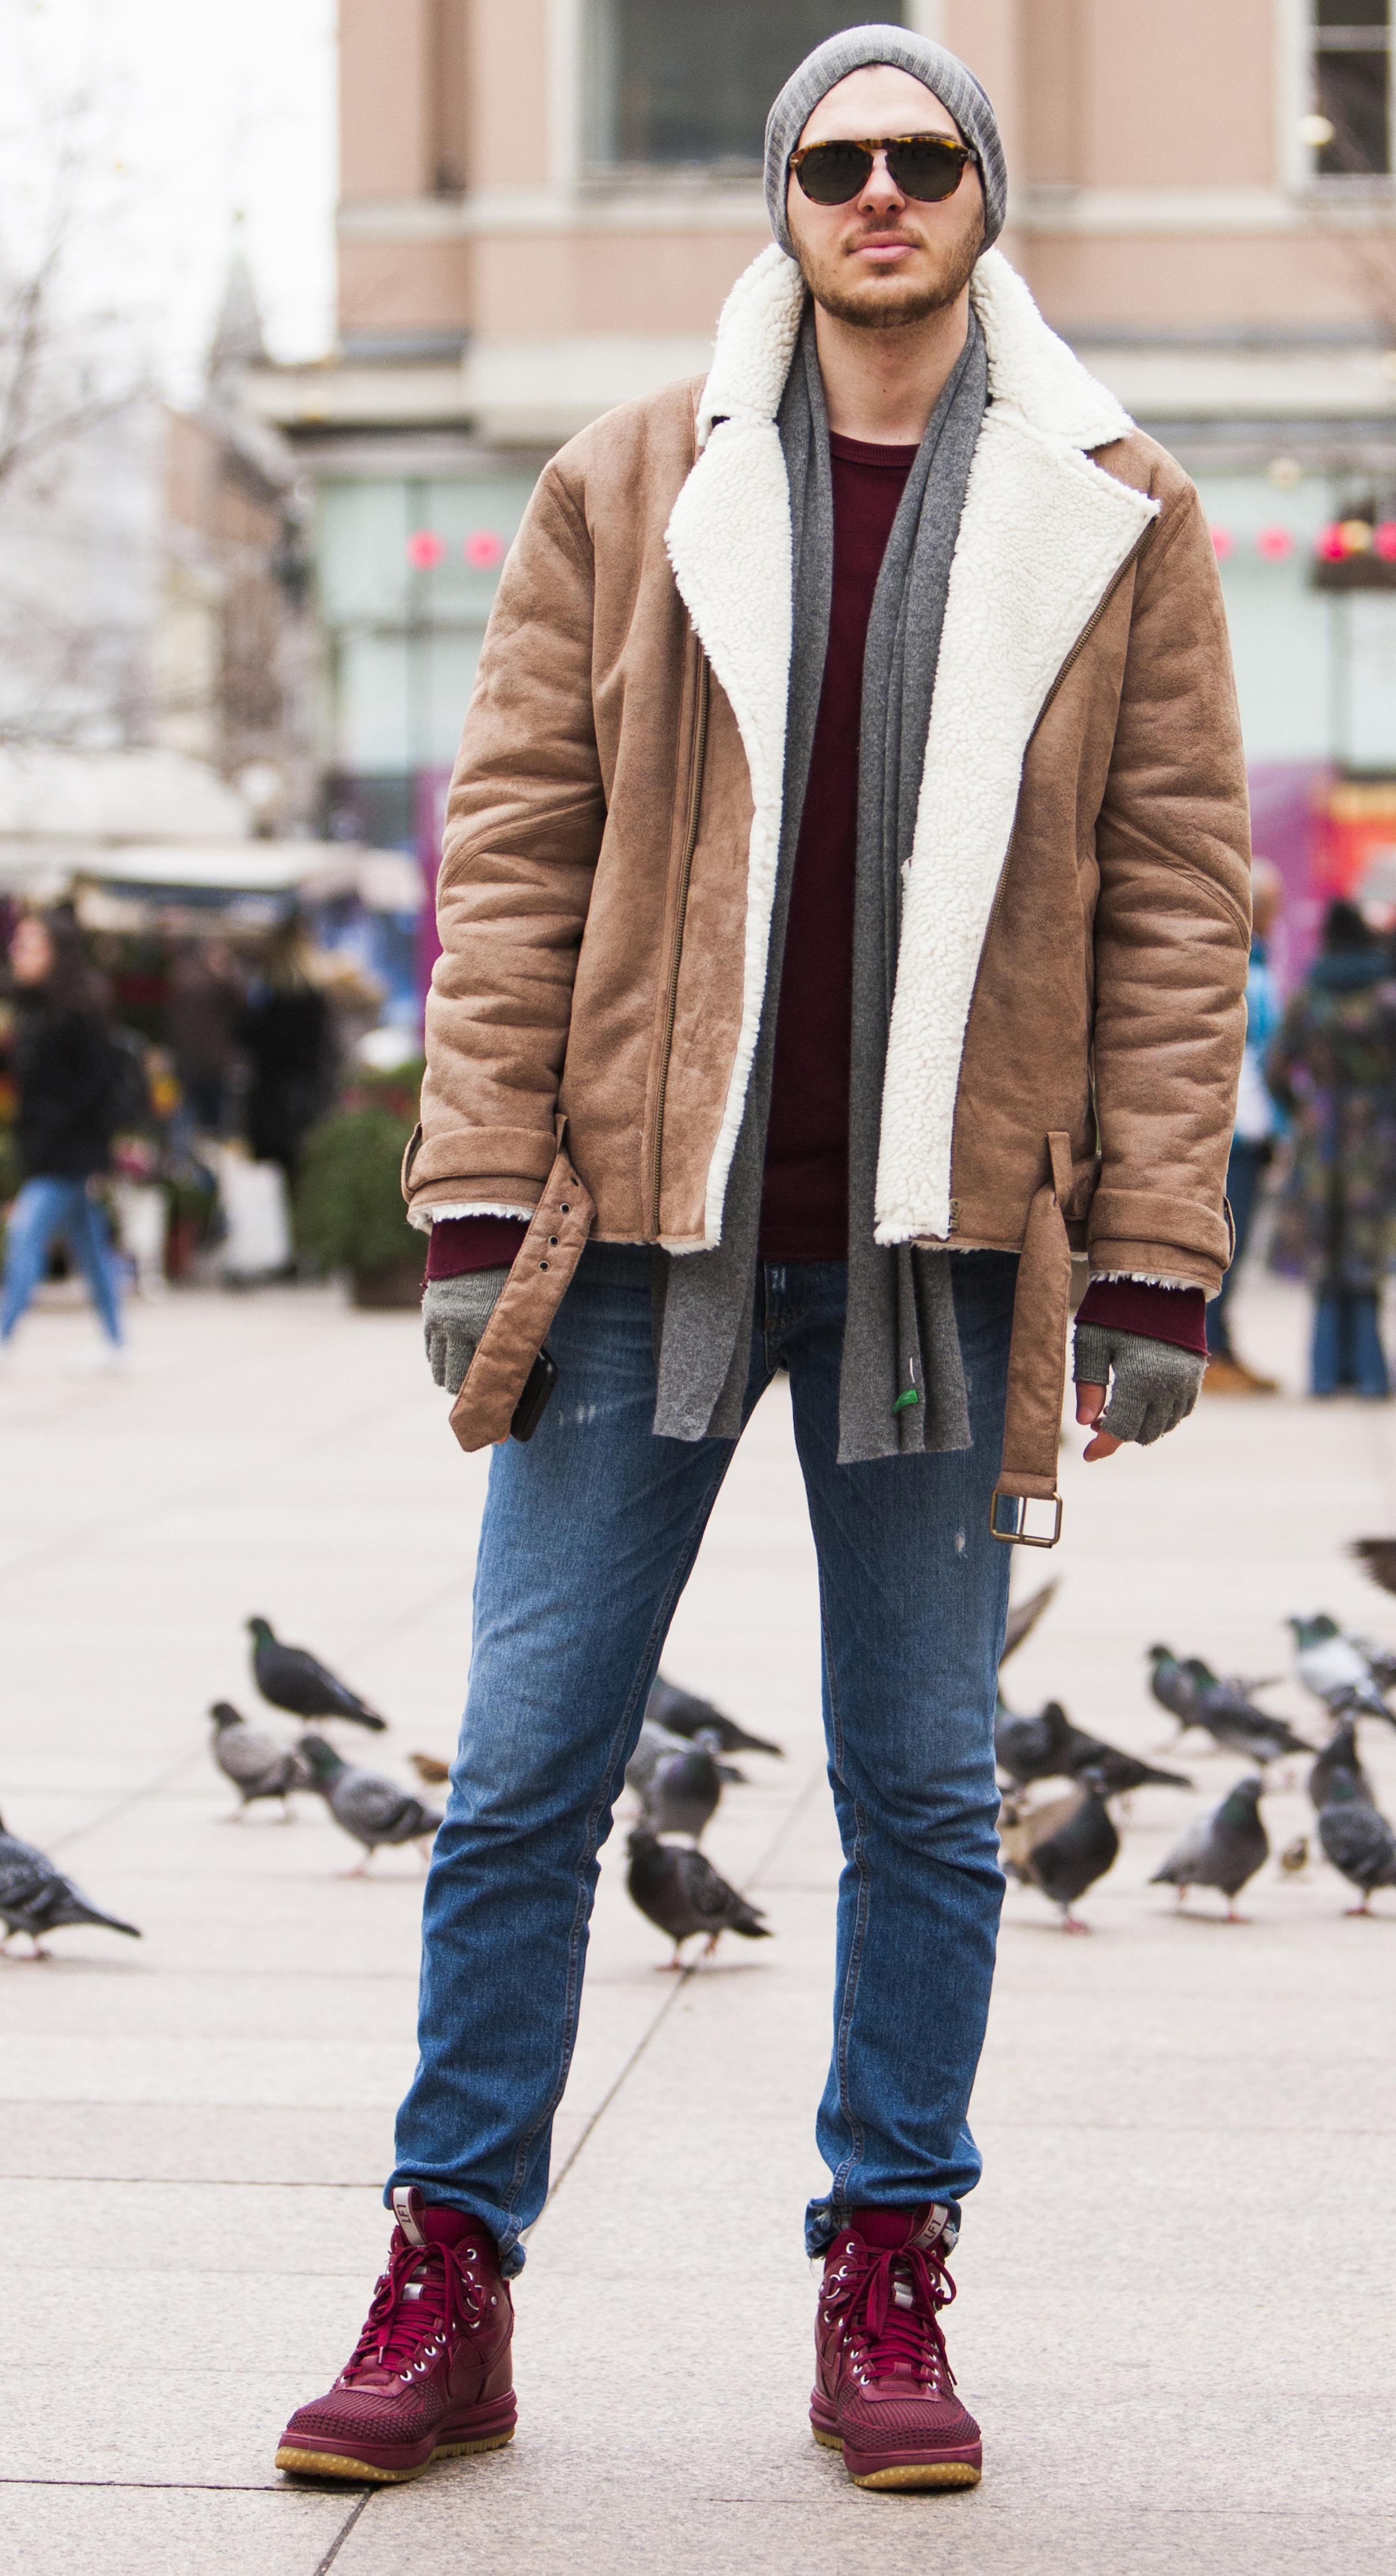 Ovaj zgodni student prava zna kako biti stylish pobjednik u borbi s hladnoćom